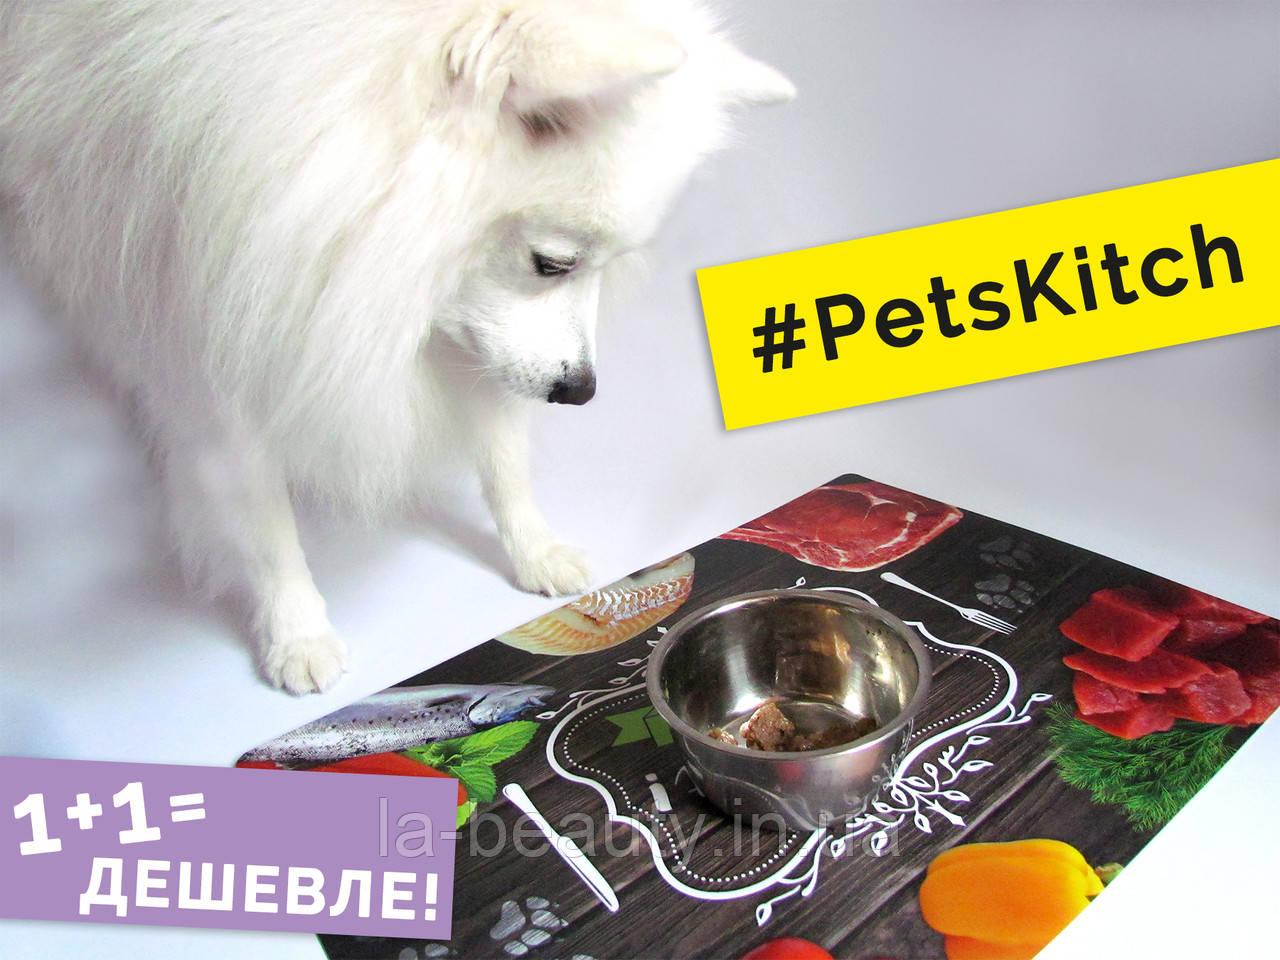 Пластиковая скатерть для собак BonE Appetit! 70х49 см PetsKitch